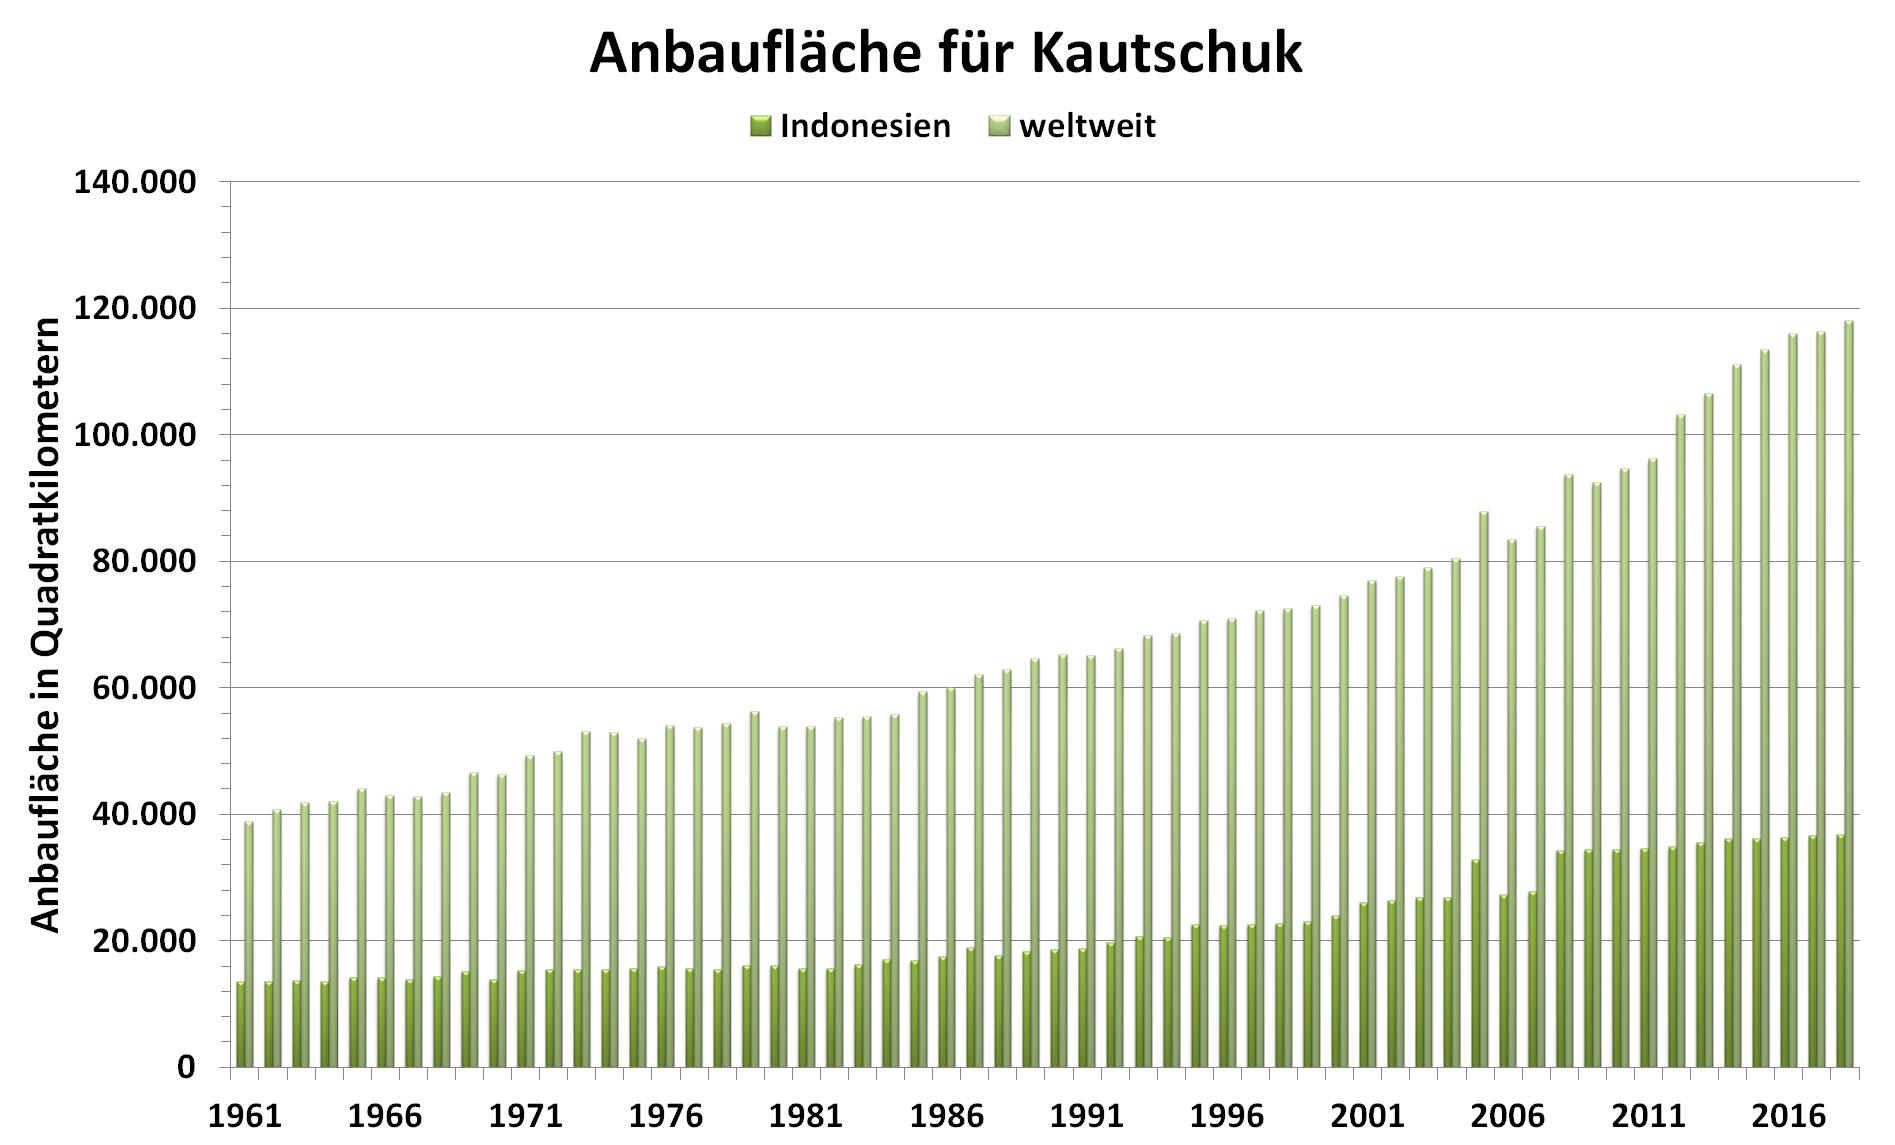 Grafik: Anbaufläche von Kautschuk weltweit und in Indonesien von 1961 bis 2018